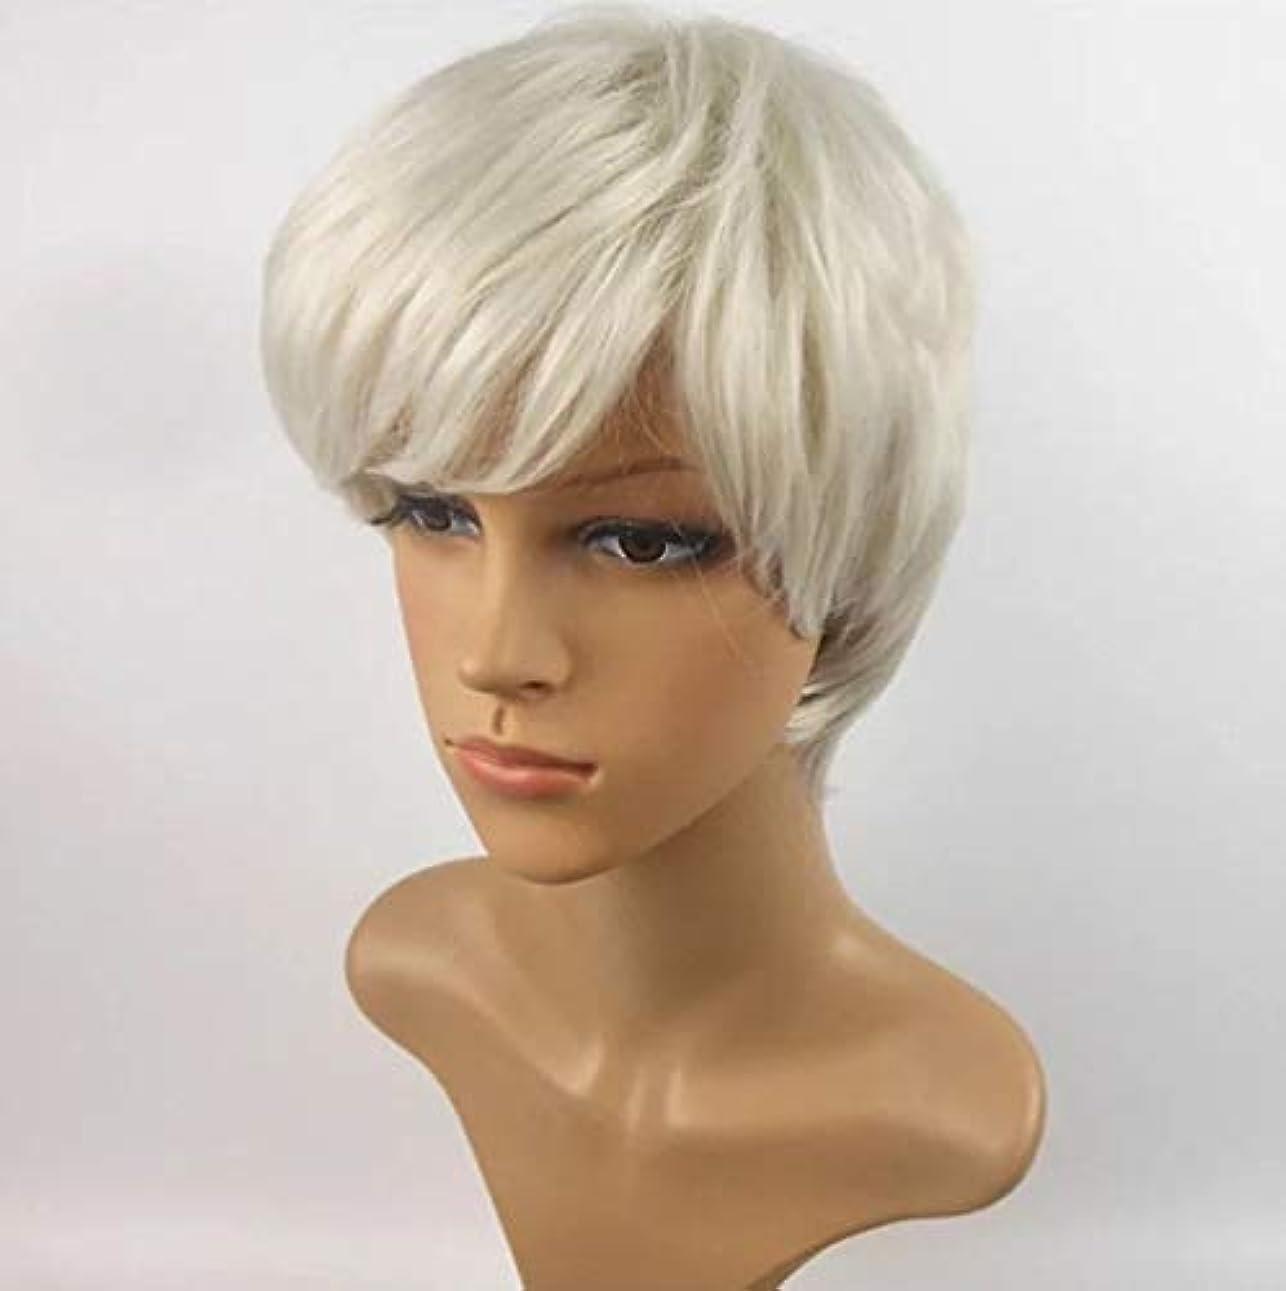 懐疑論クルー貝殻Summerys 短い巻き毛のかつら髪かつら女性のための自然な耐熱フルウィッグ (Color : White)